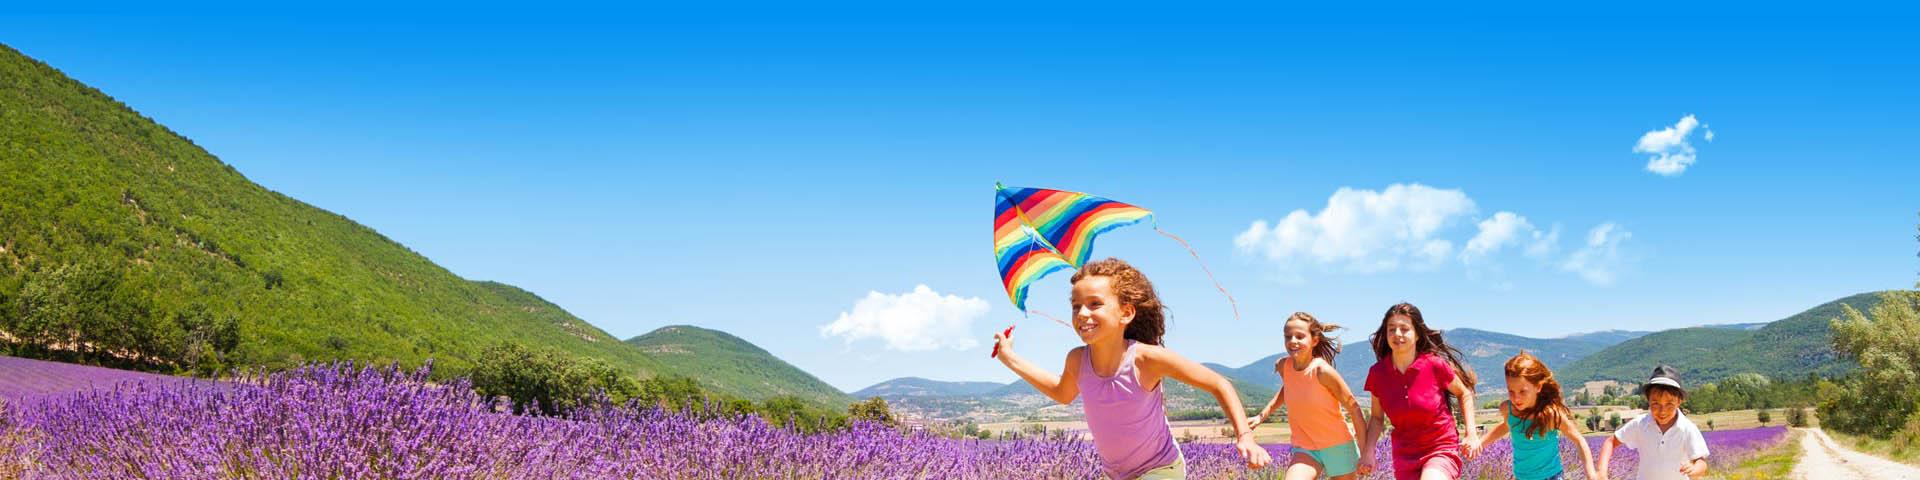 Rennende kinderen met een vlieger in de hand tijdens de kampeervakantie in een mooie omgeving